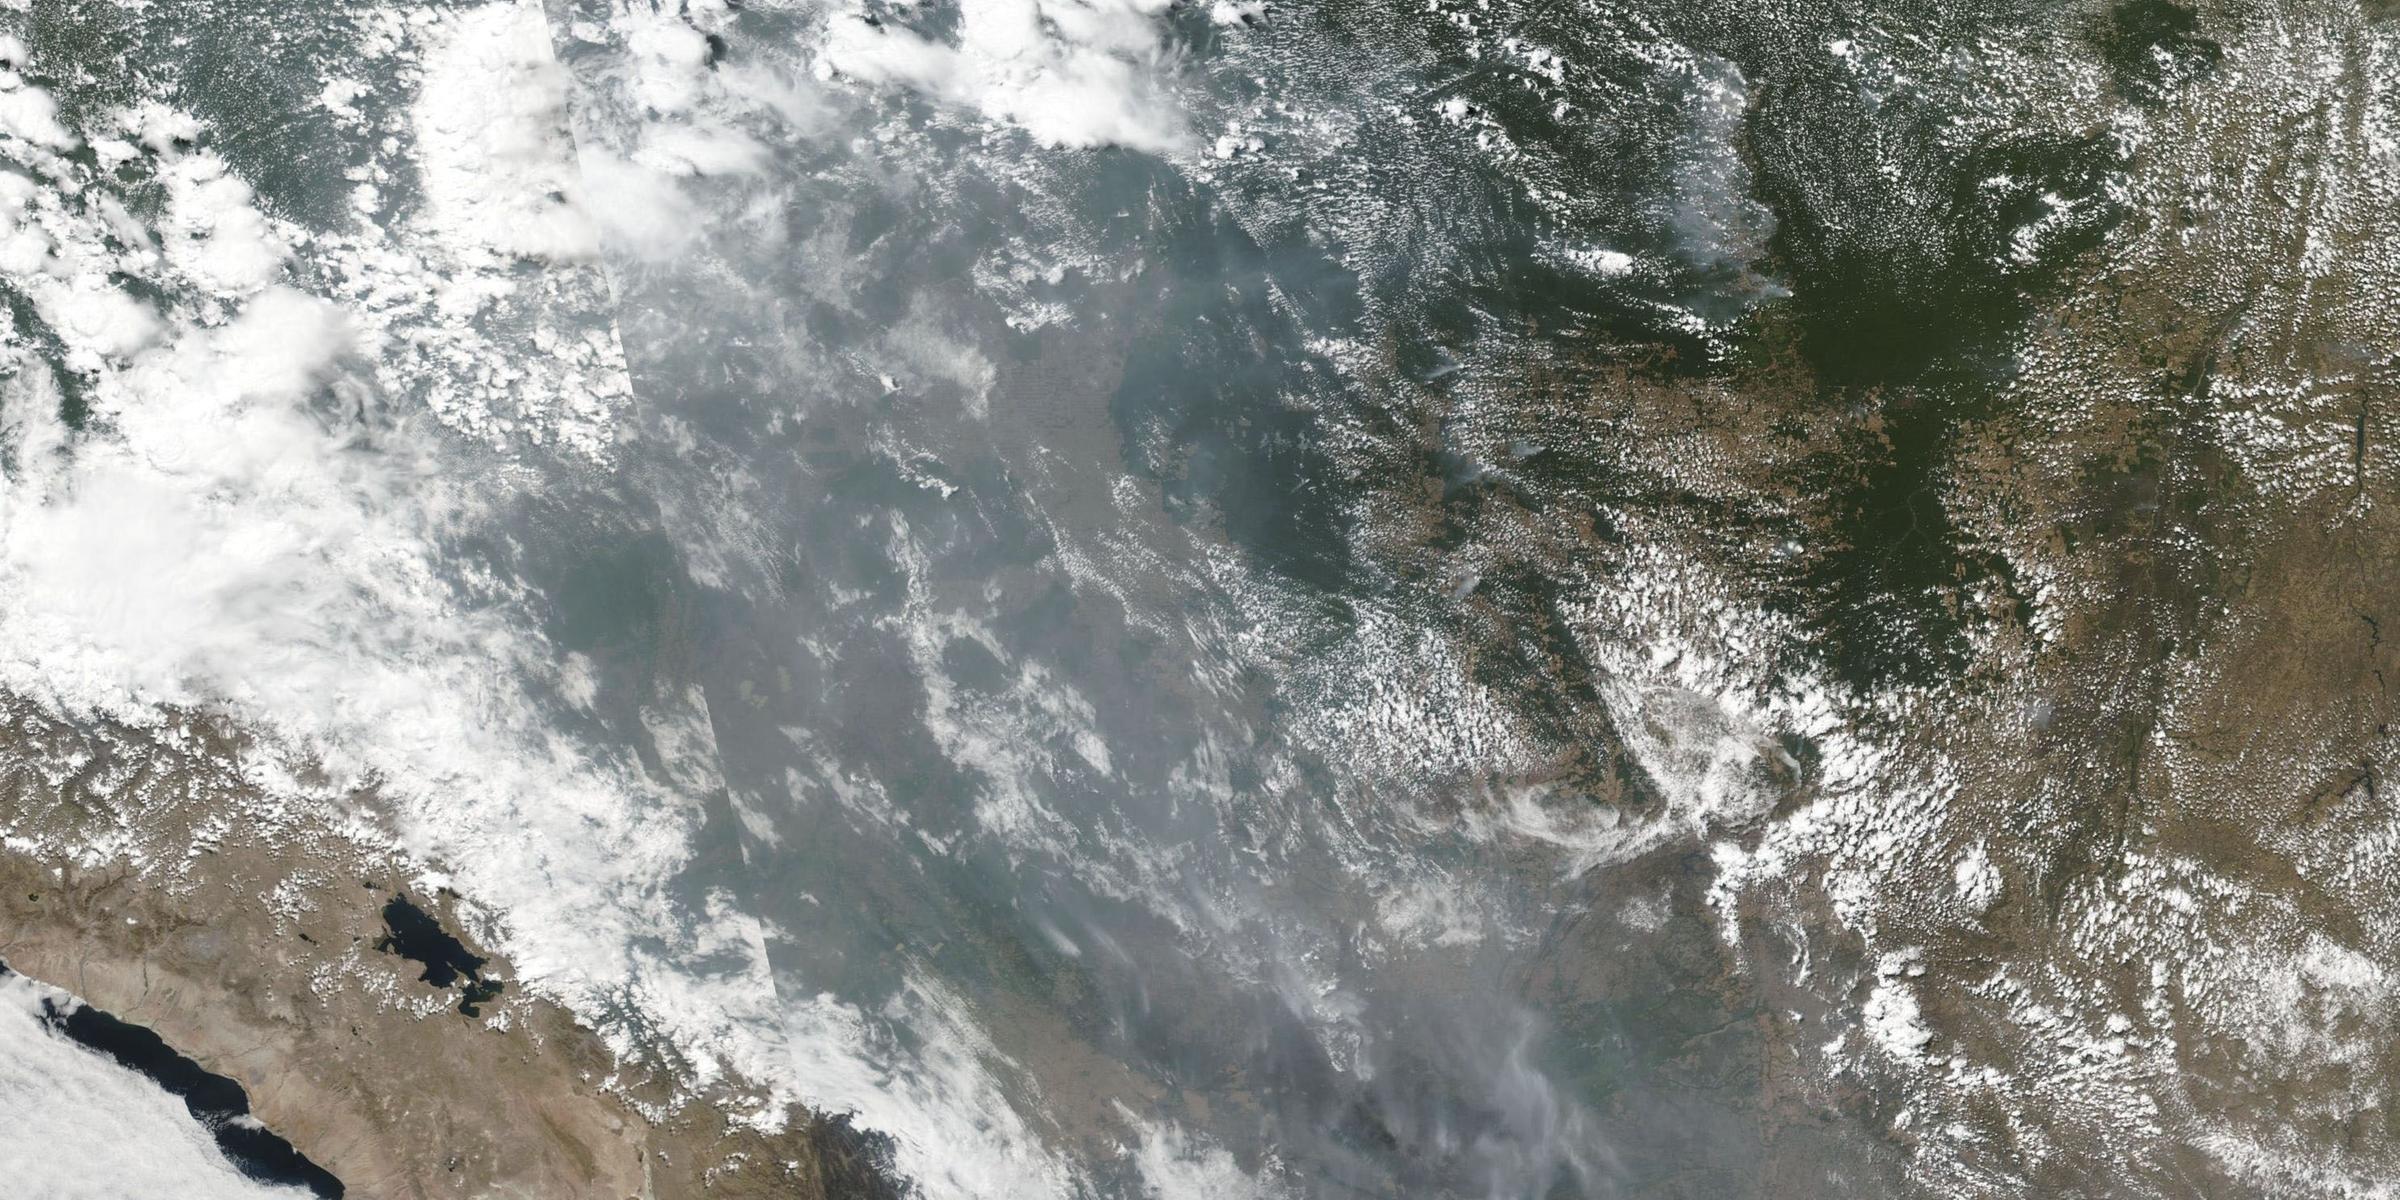 Imagem de satélite divulgada hoje pela Nasa mostra focos de incêndio na Amazônia em diversos Estados brasileiros